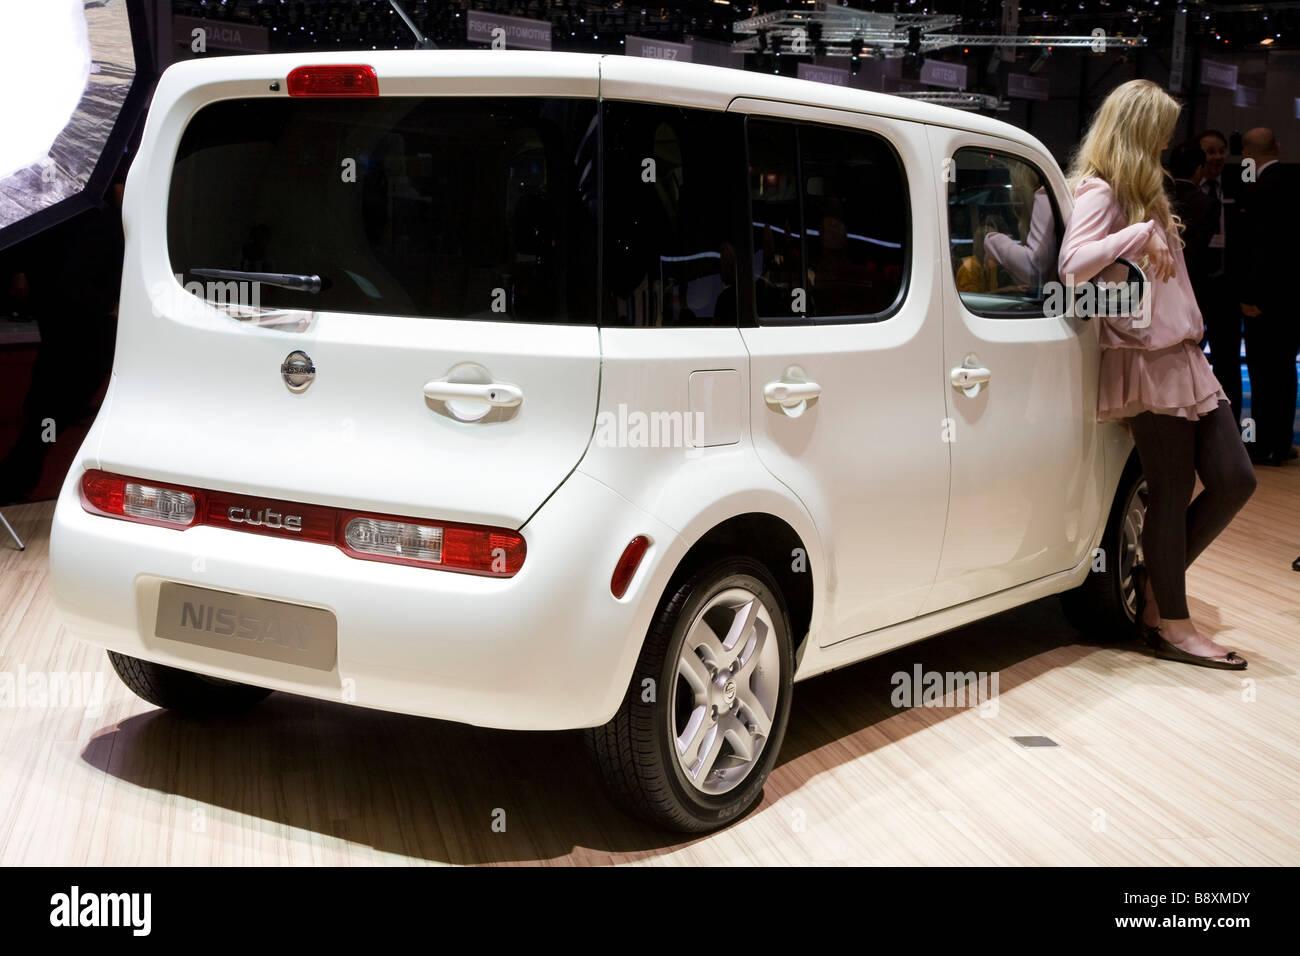 Nissan Cube Auf Einem Europaischen Motor Show Gezeigt Stockfoto